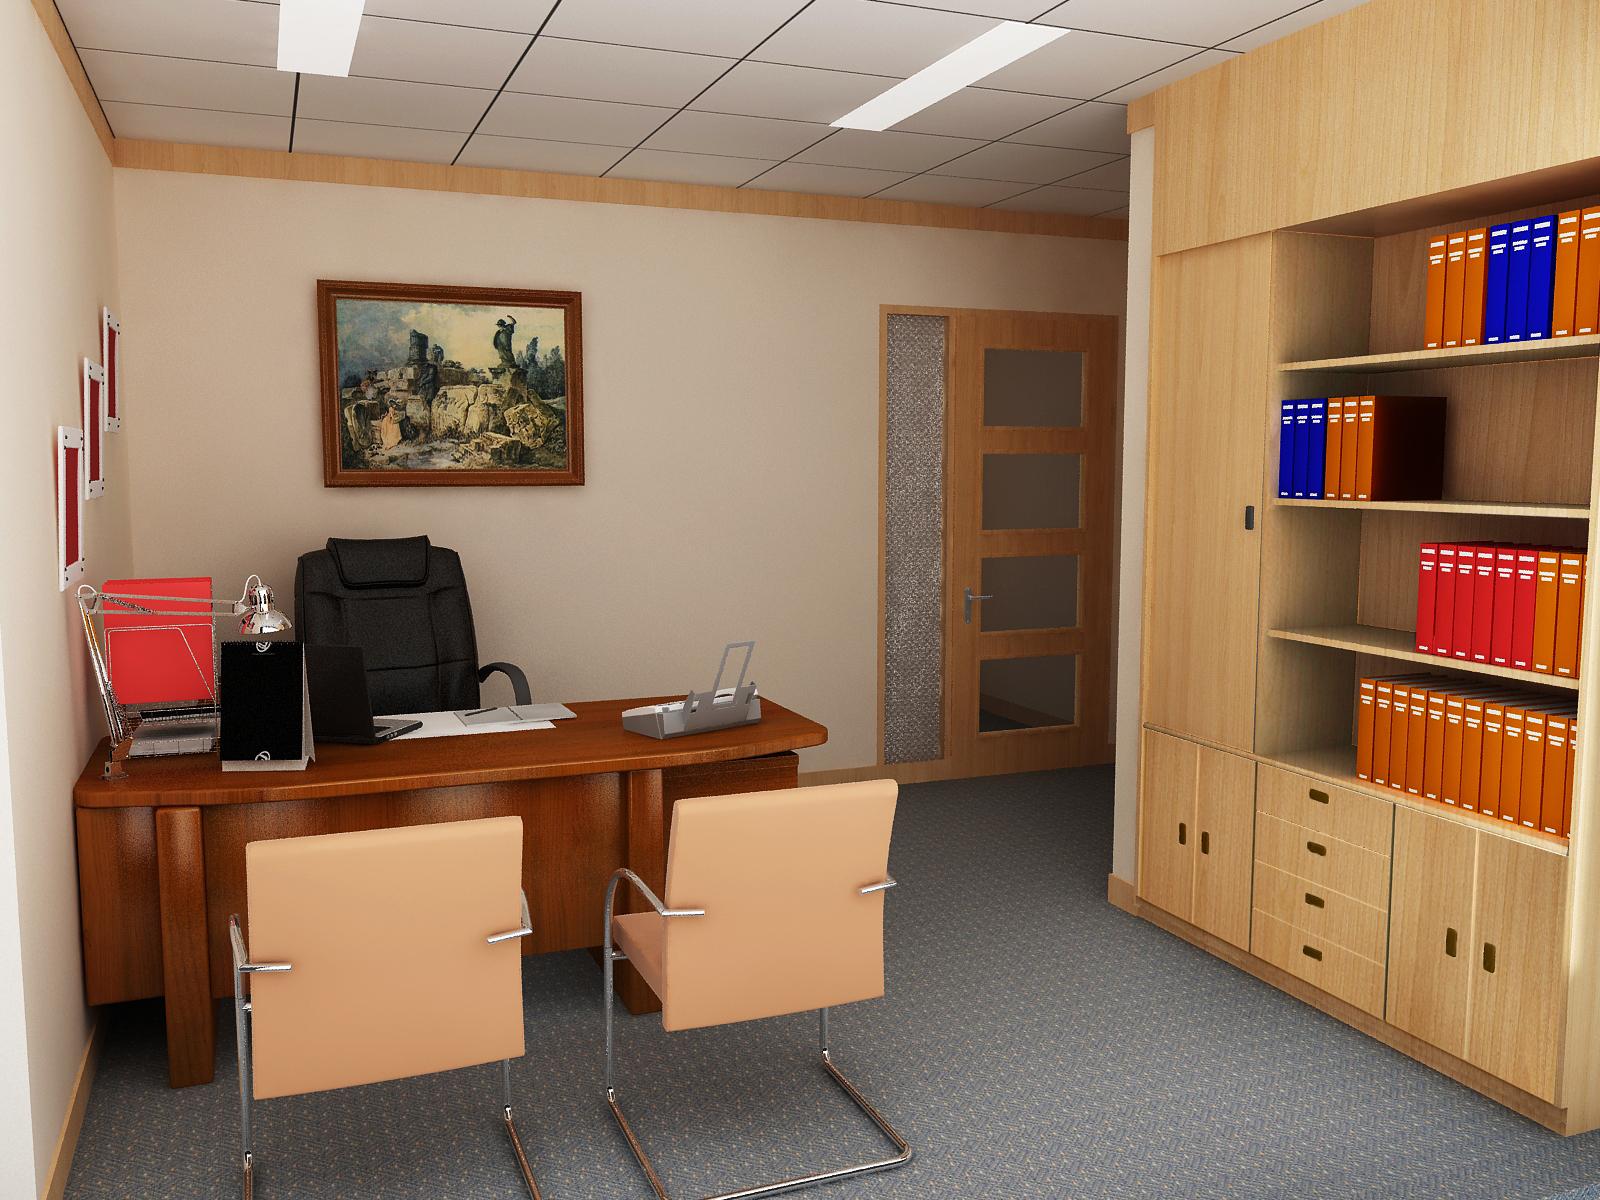 Phòng Giám đốc nhỏ chỉ nên dùng những vật dụng thật sự cần thiết